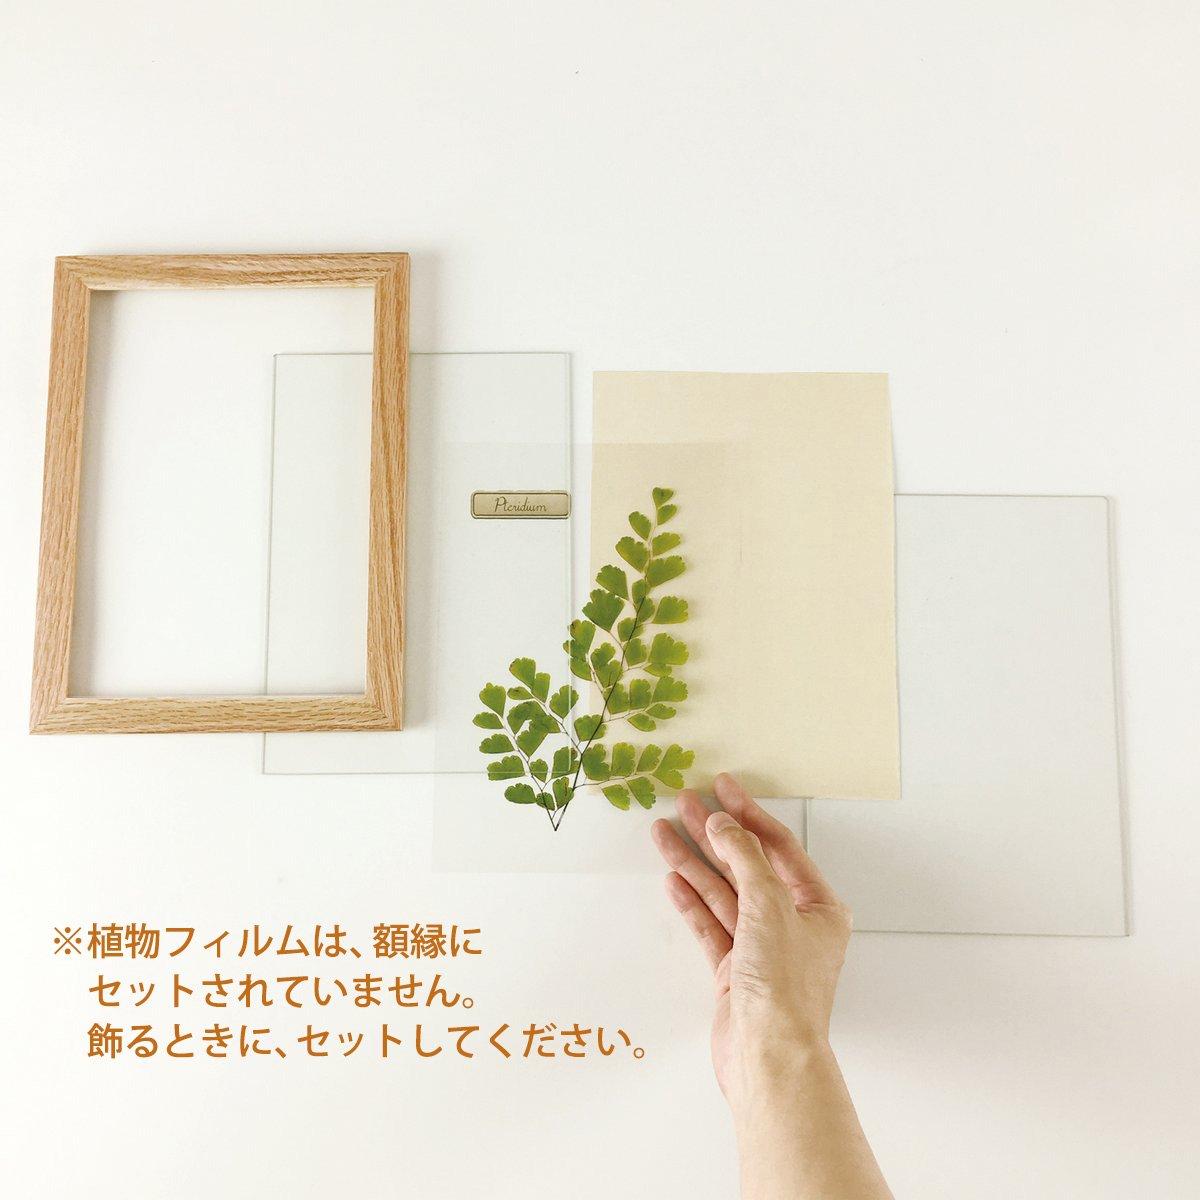 【アートフレーム】ハーバリウムフレーム ビオラ/ブラウン(壁掛け)